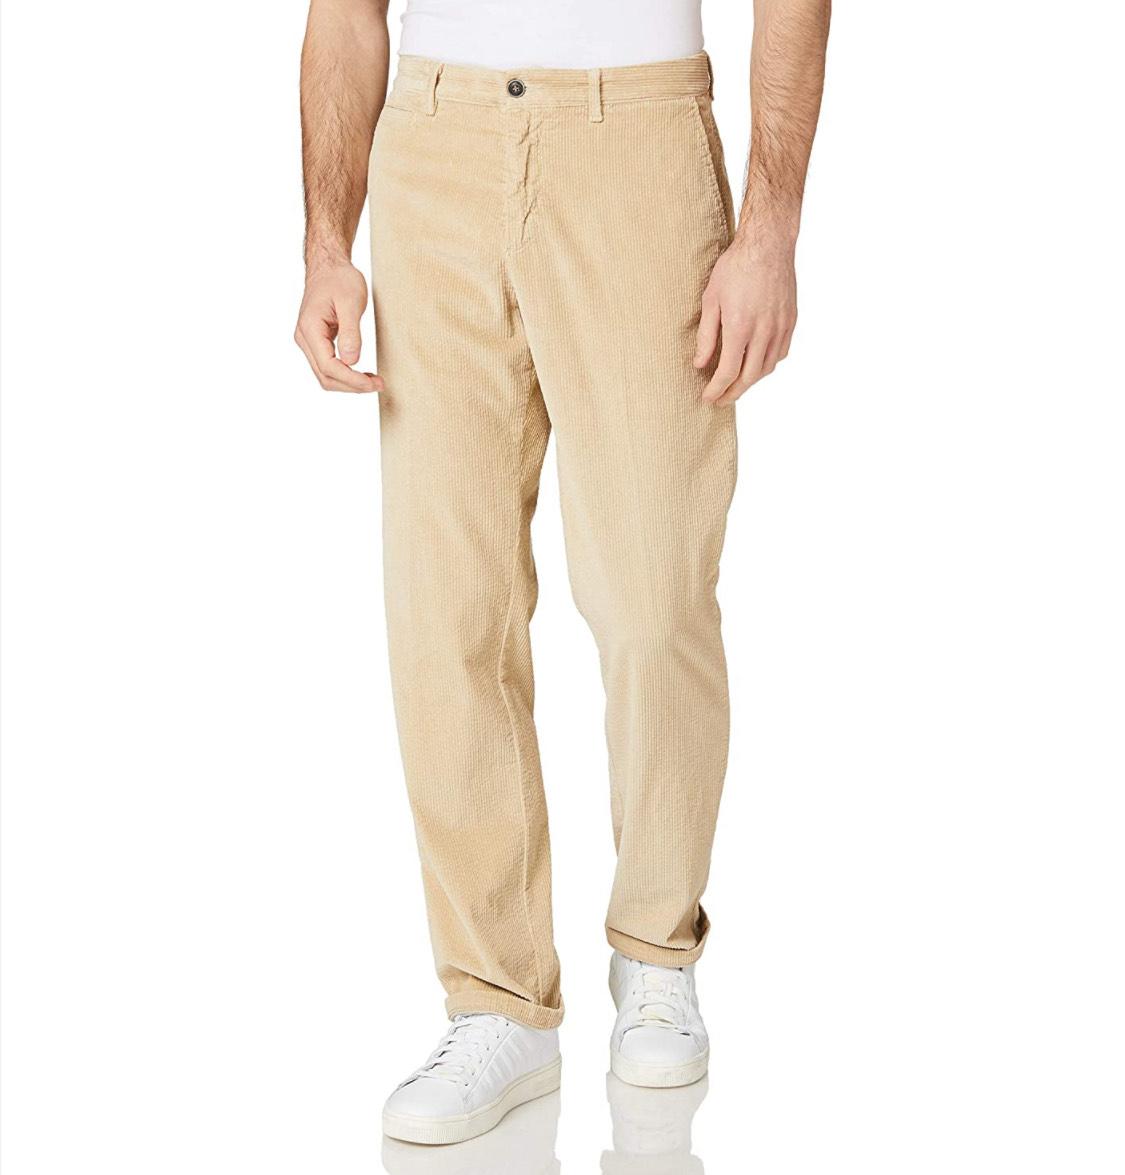 Pantalón pana United Colors of Benetton hombre talla 42 (44 a 9,93€.)